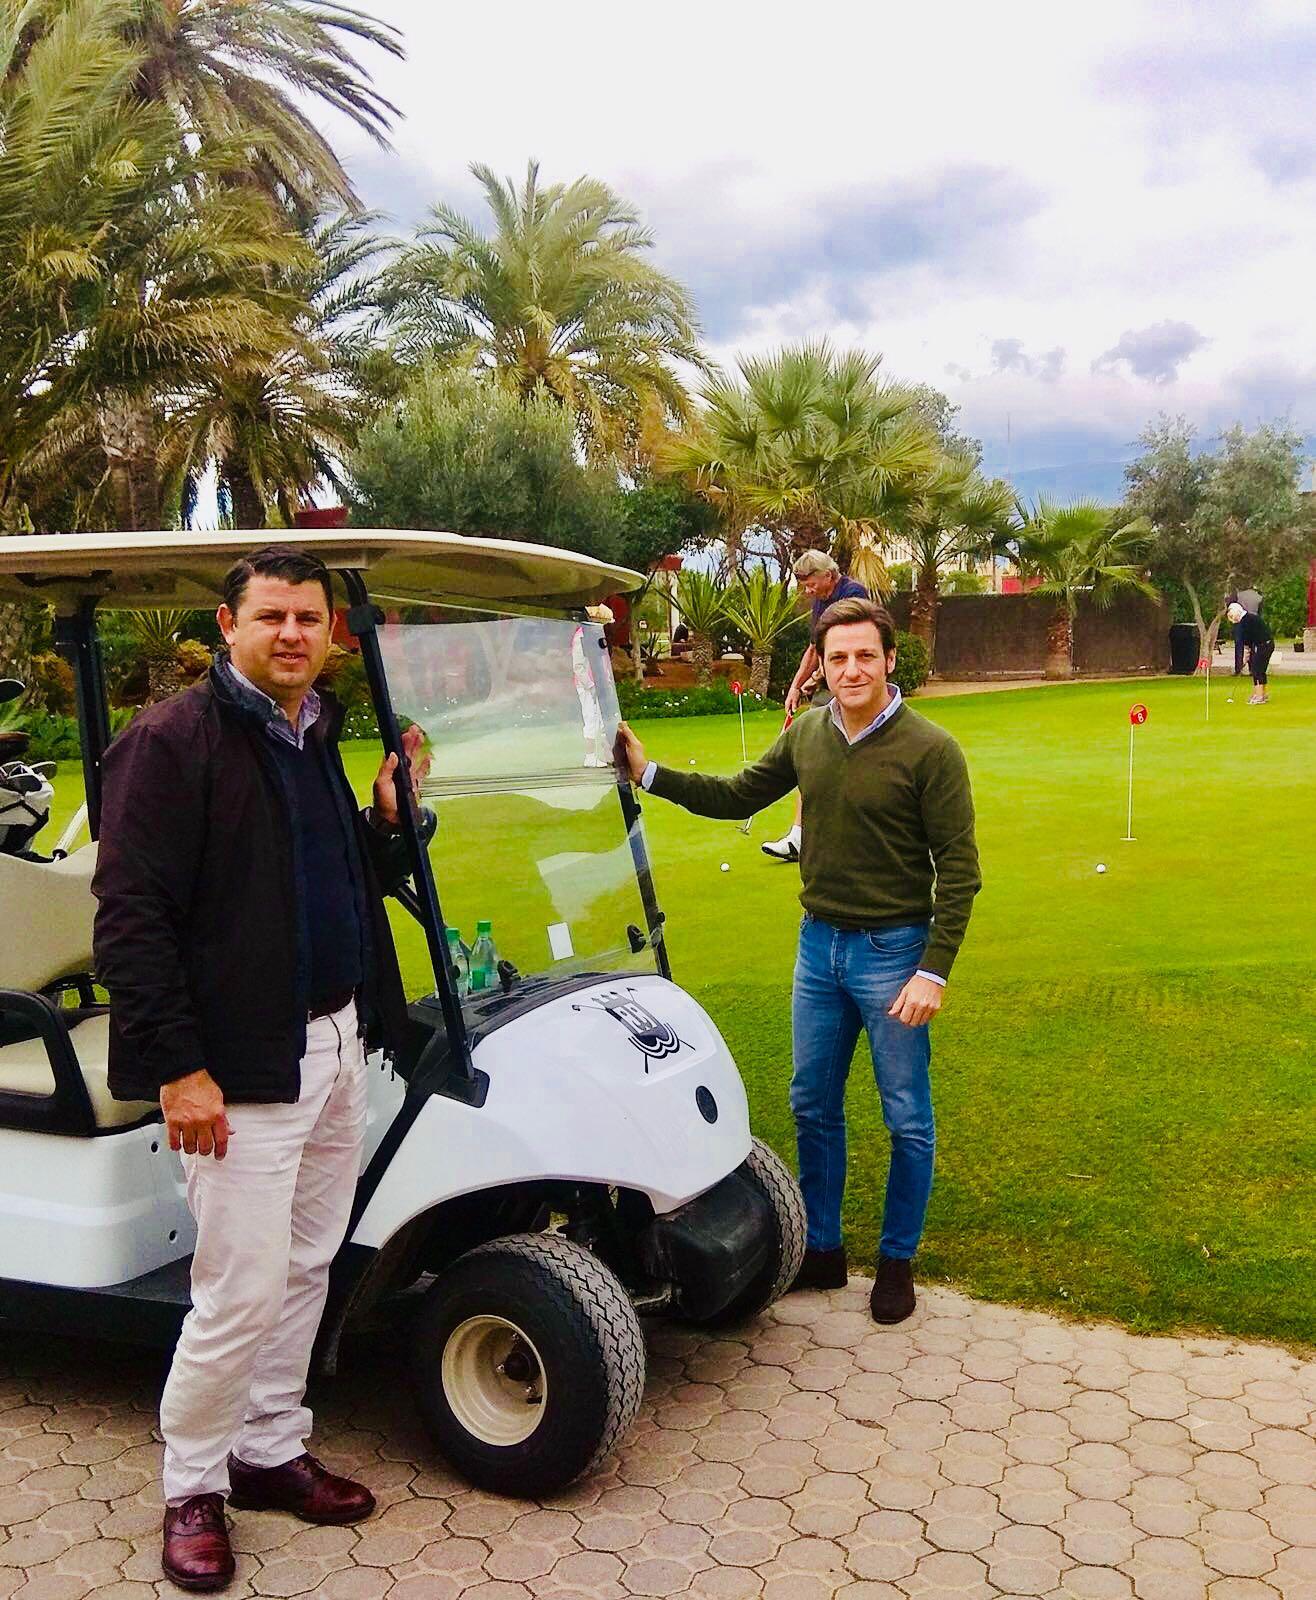 El turismo de golf vuelve a rozar las 60.000 salidas con un importante incremento en la rotación de turistas